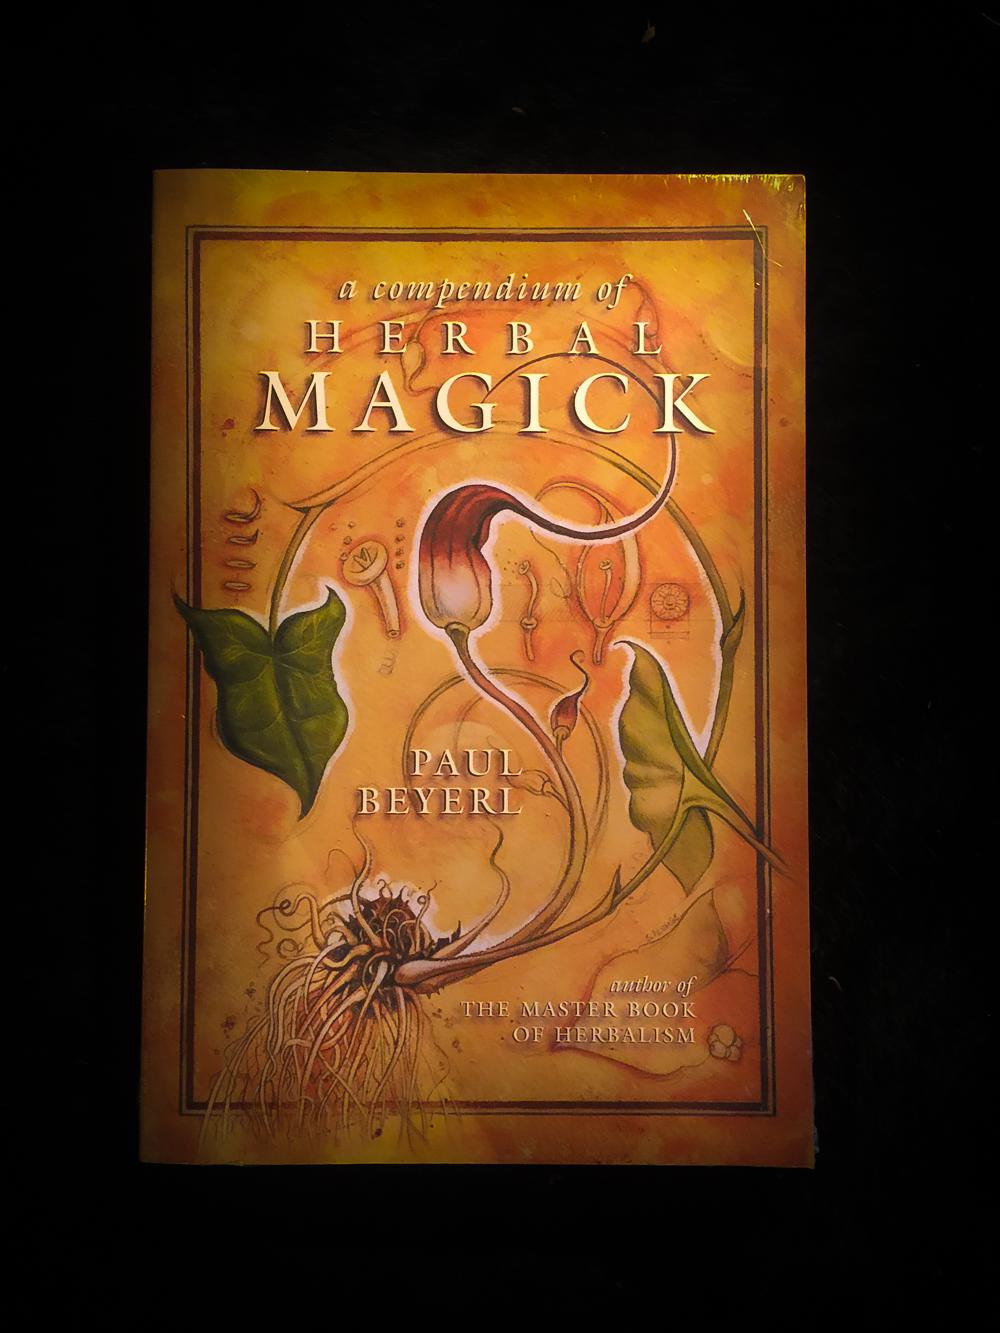 Compendium of Herbal Magic